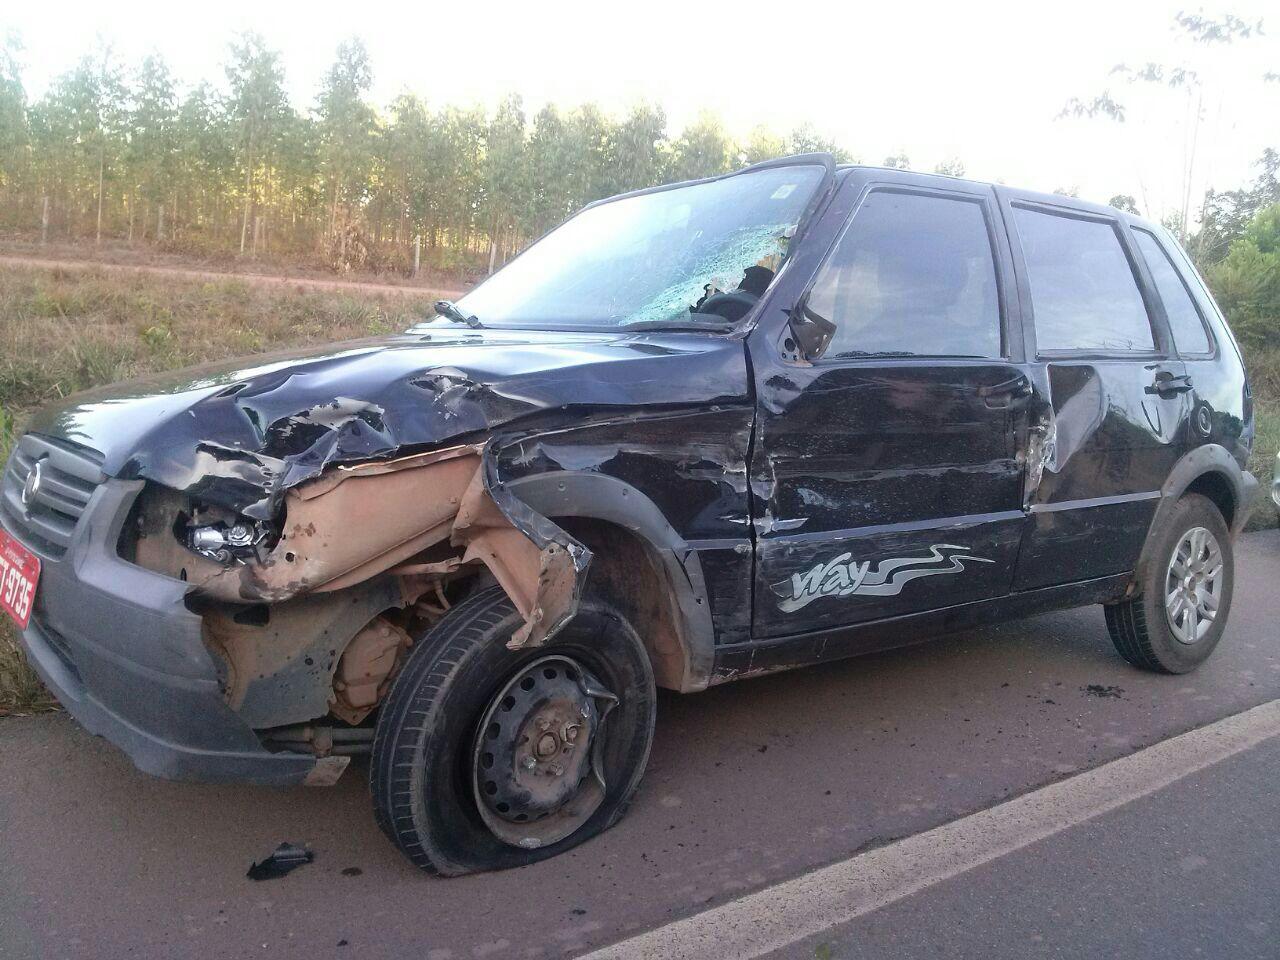 Veículo envolvido no acidente ficou parcialmente destruído